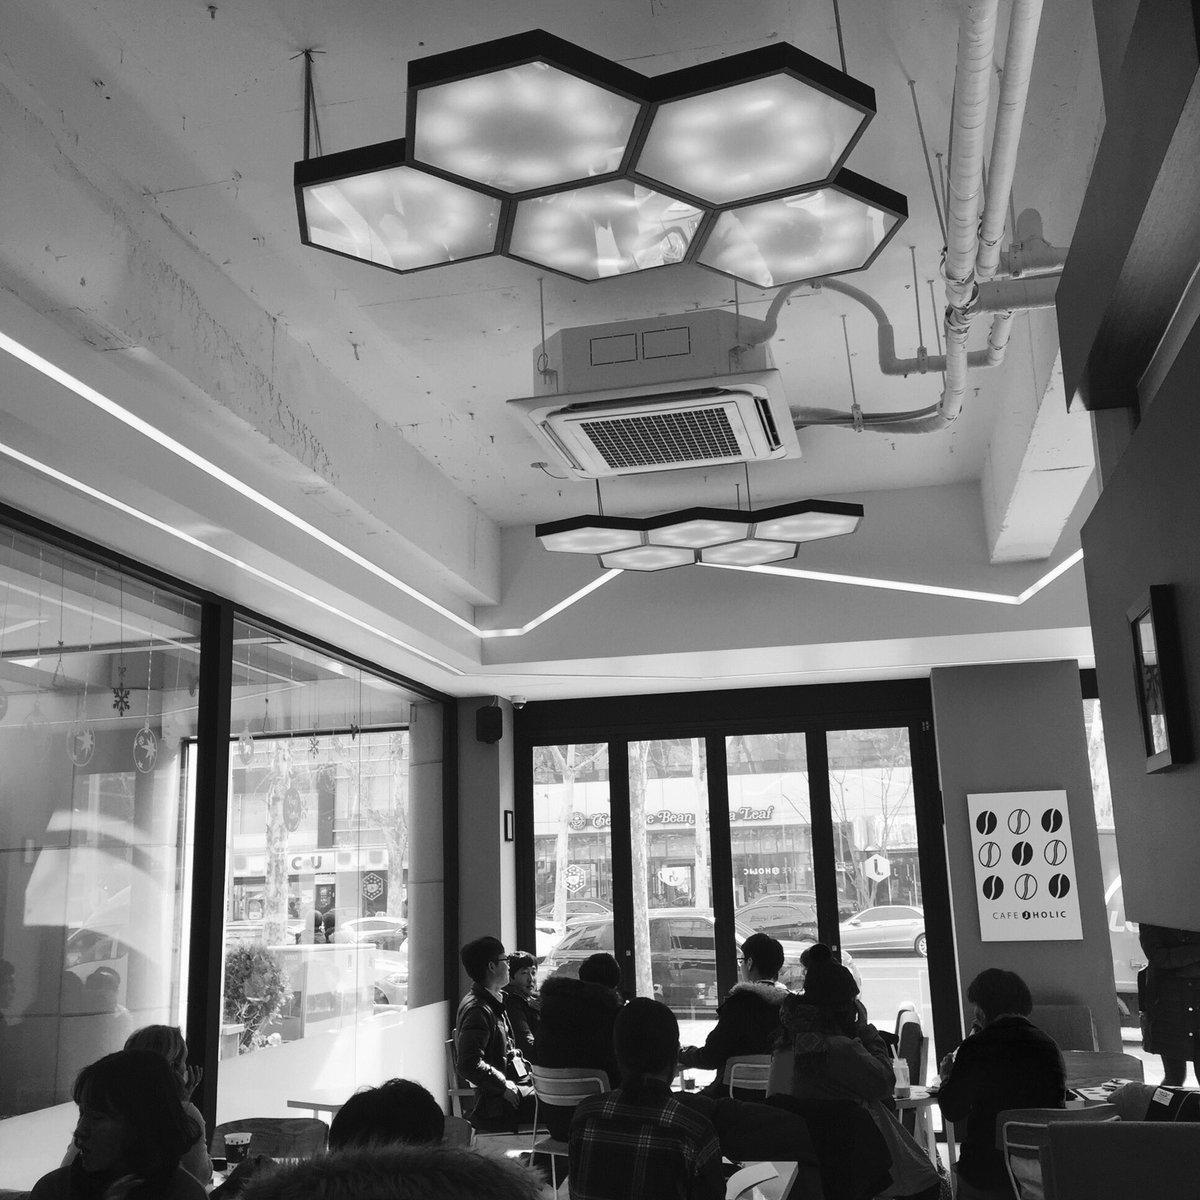 近くの会社の方々かな 打ち合わせしていて cafeとてもいい雰囲気です  #jholic https://t.co/WNG8obiRuI